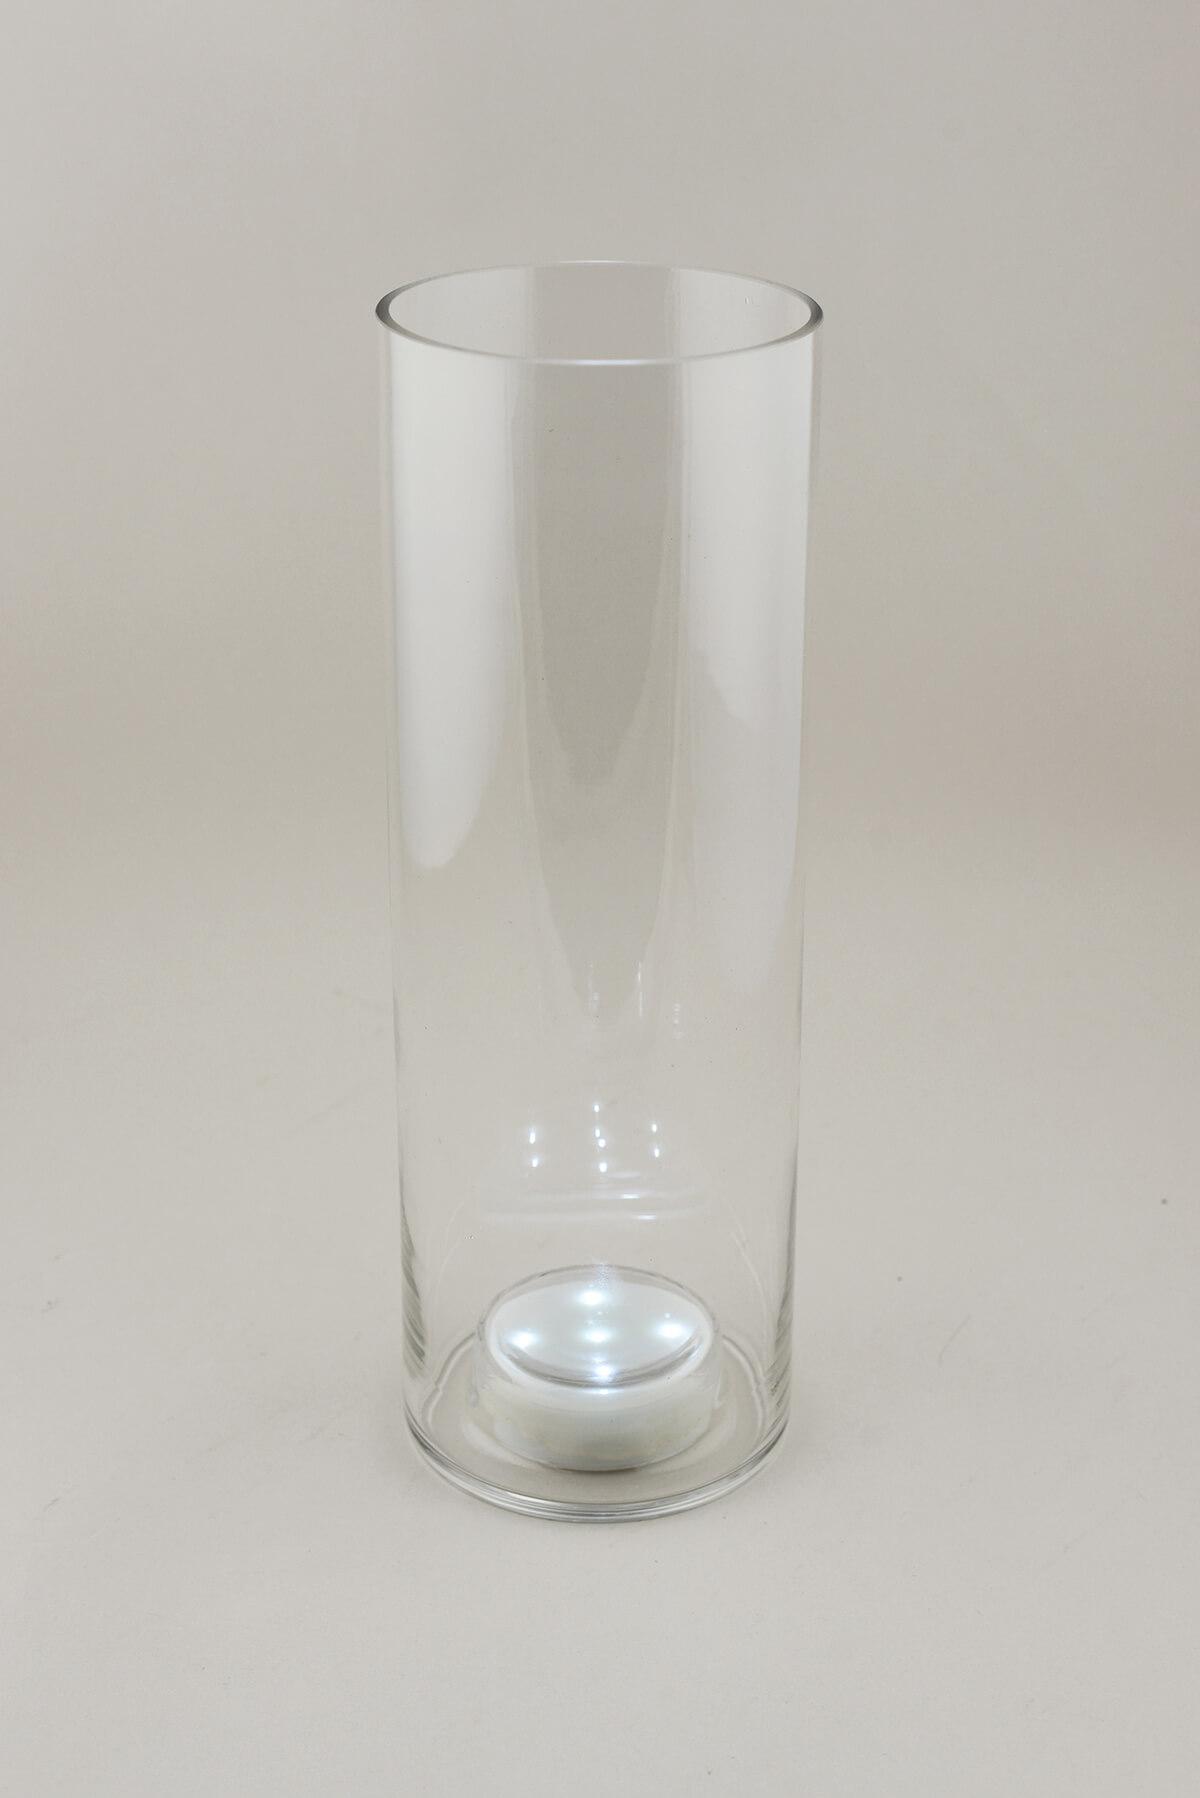 Lighted 13 34 glass vase led lighted 13 34 glass vase reviewsmspy